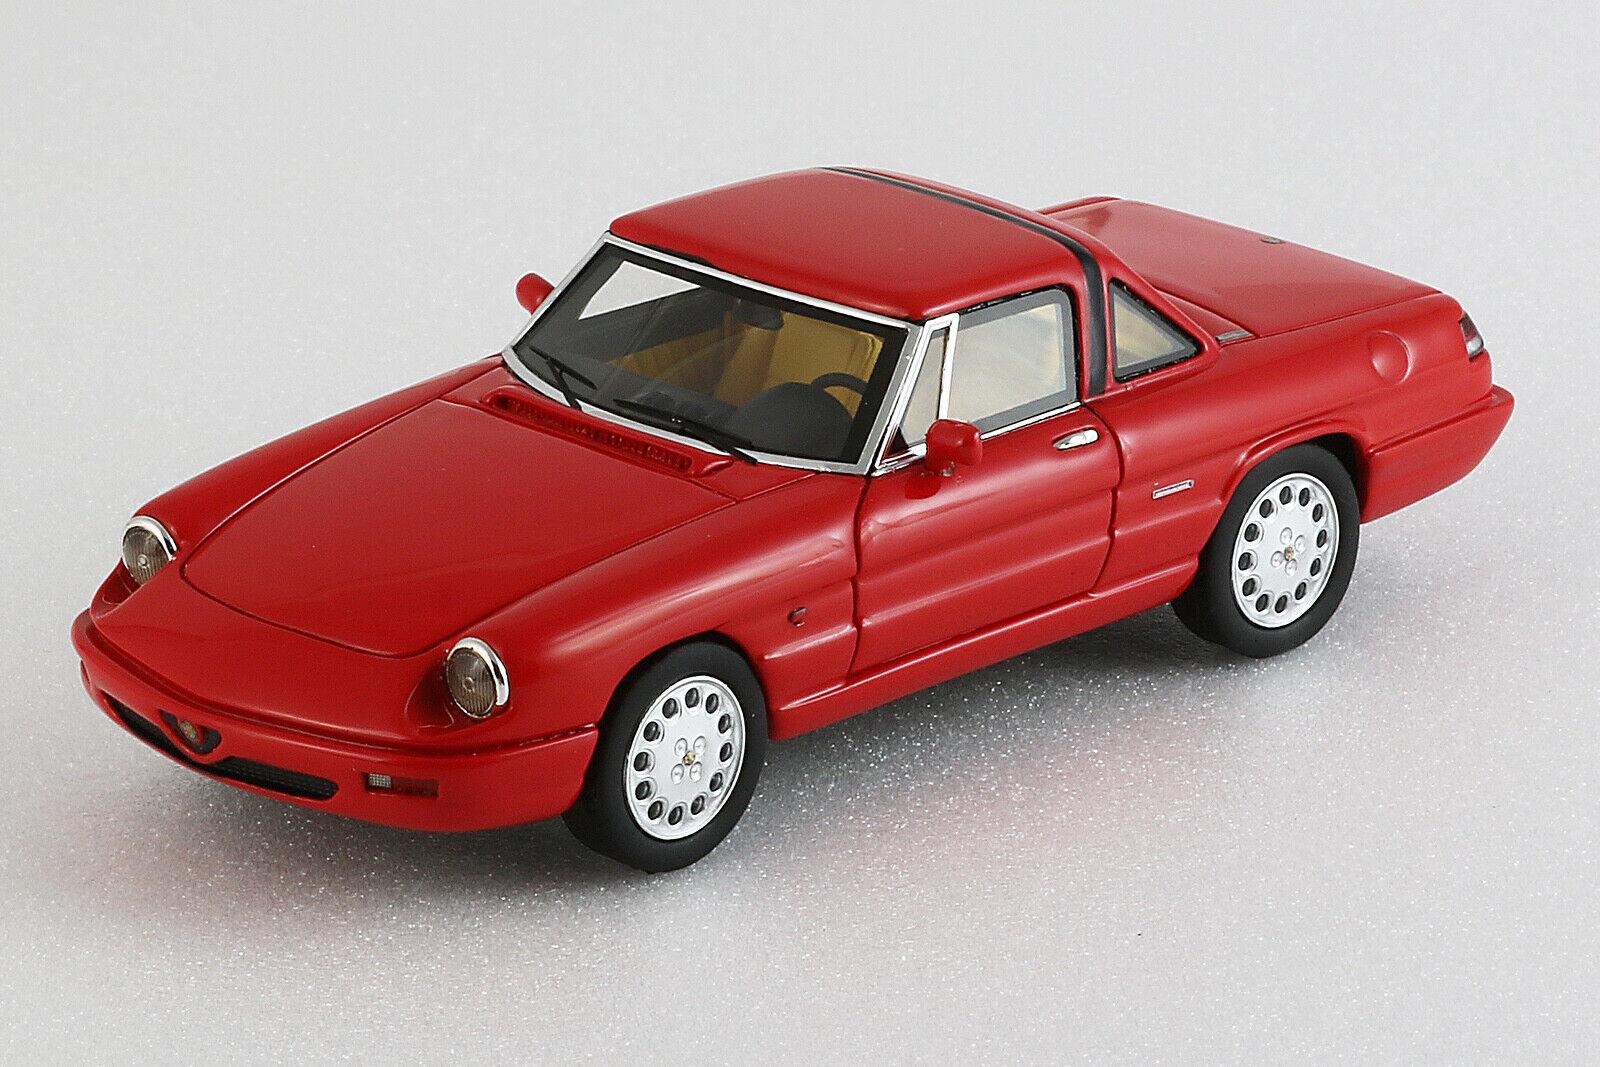 Alfa Romeo Spider 1990  4a serie Hardtop - 1 43ème - Rouge - Milena Rose  autorisation de vente de la marque